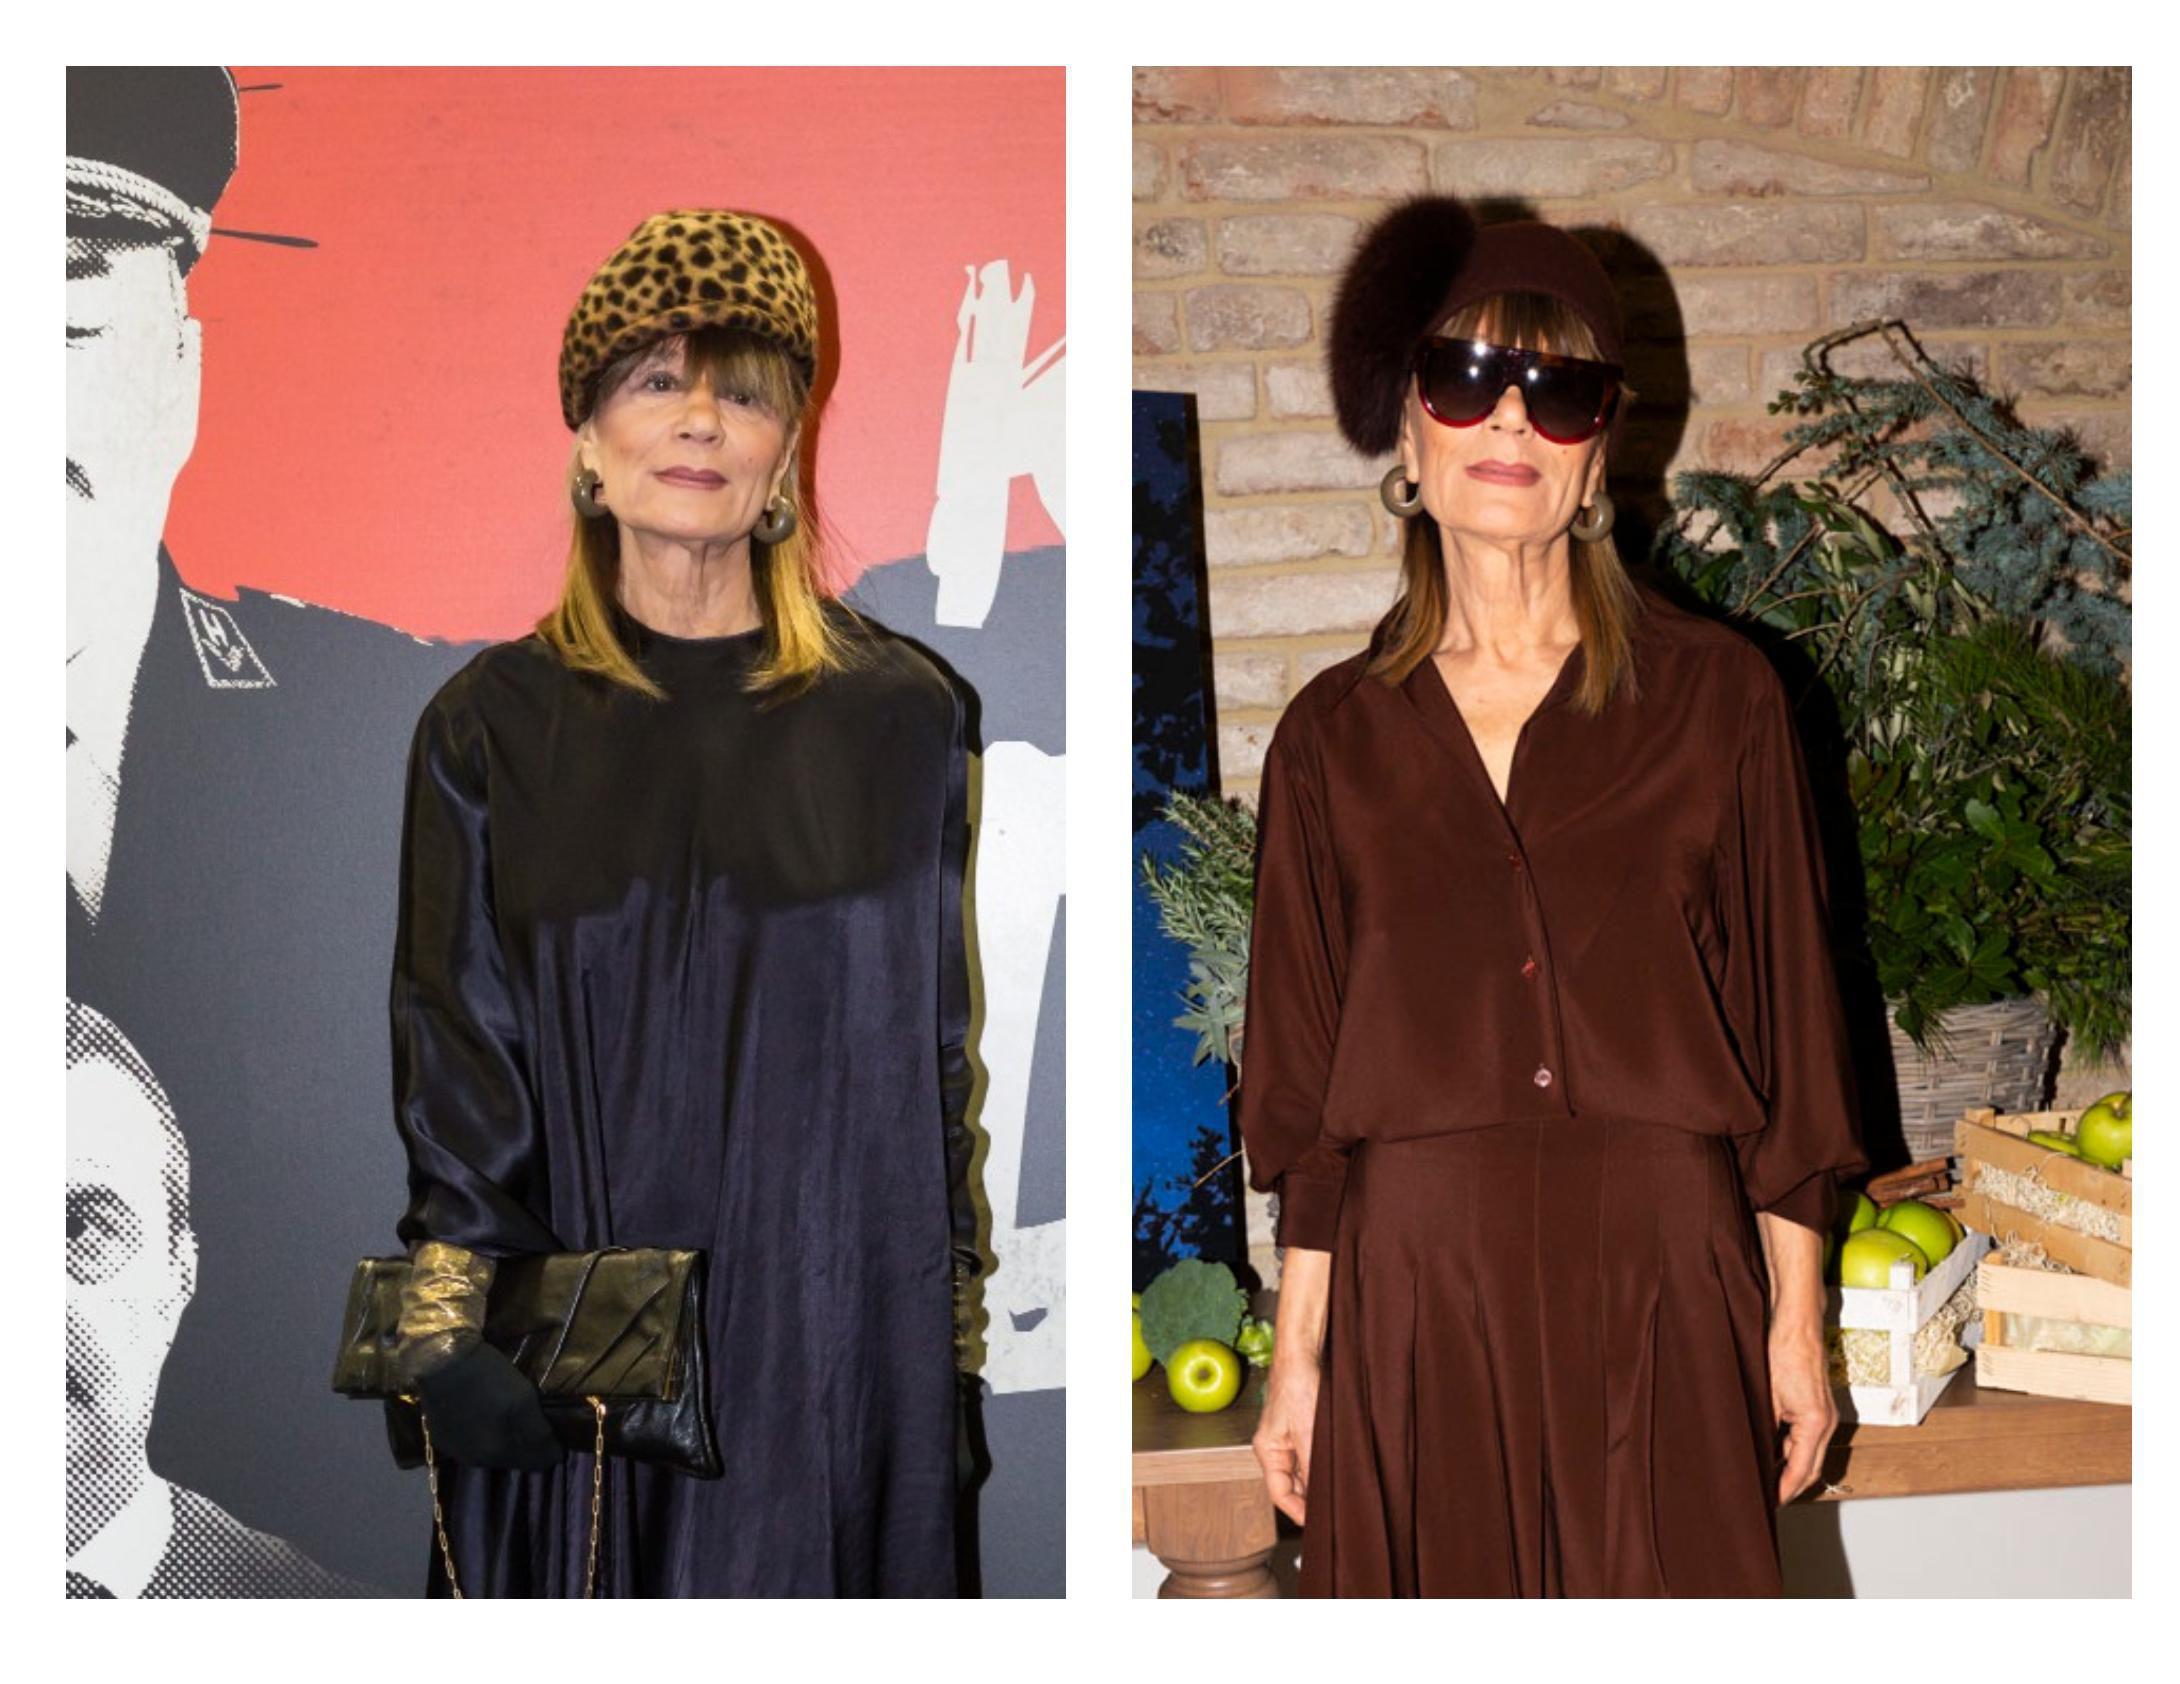 Đurđa Tedeschi jednom danu dvaput dokazala zašto je velika modna ikona!